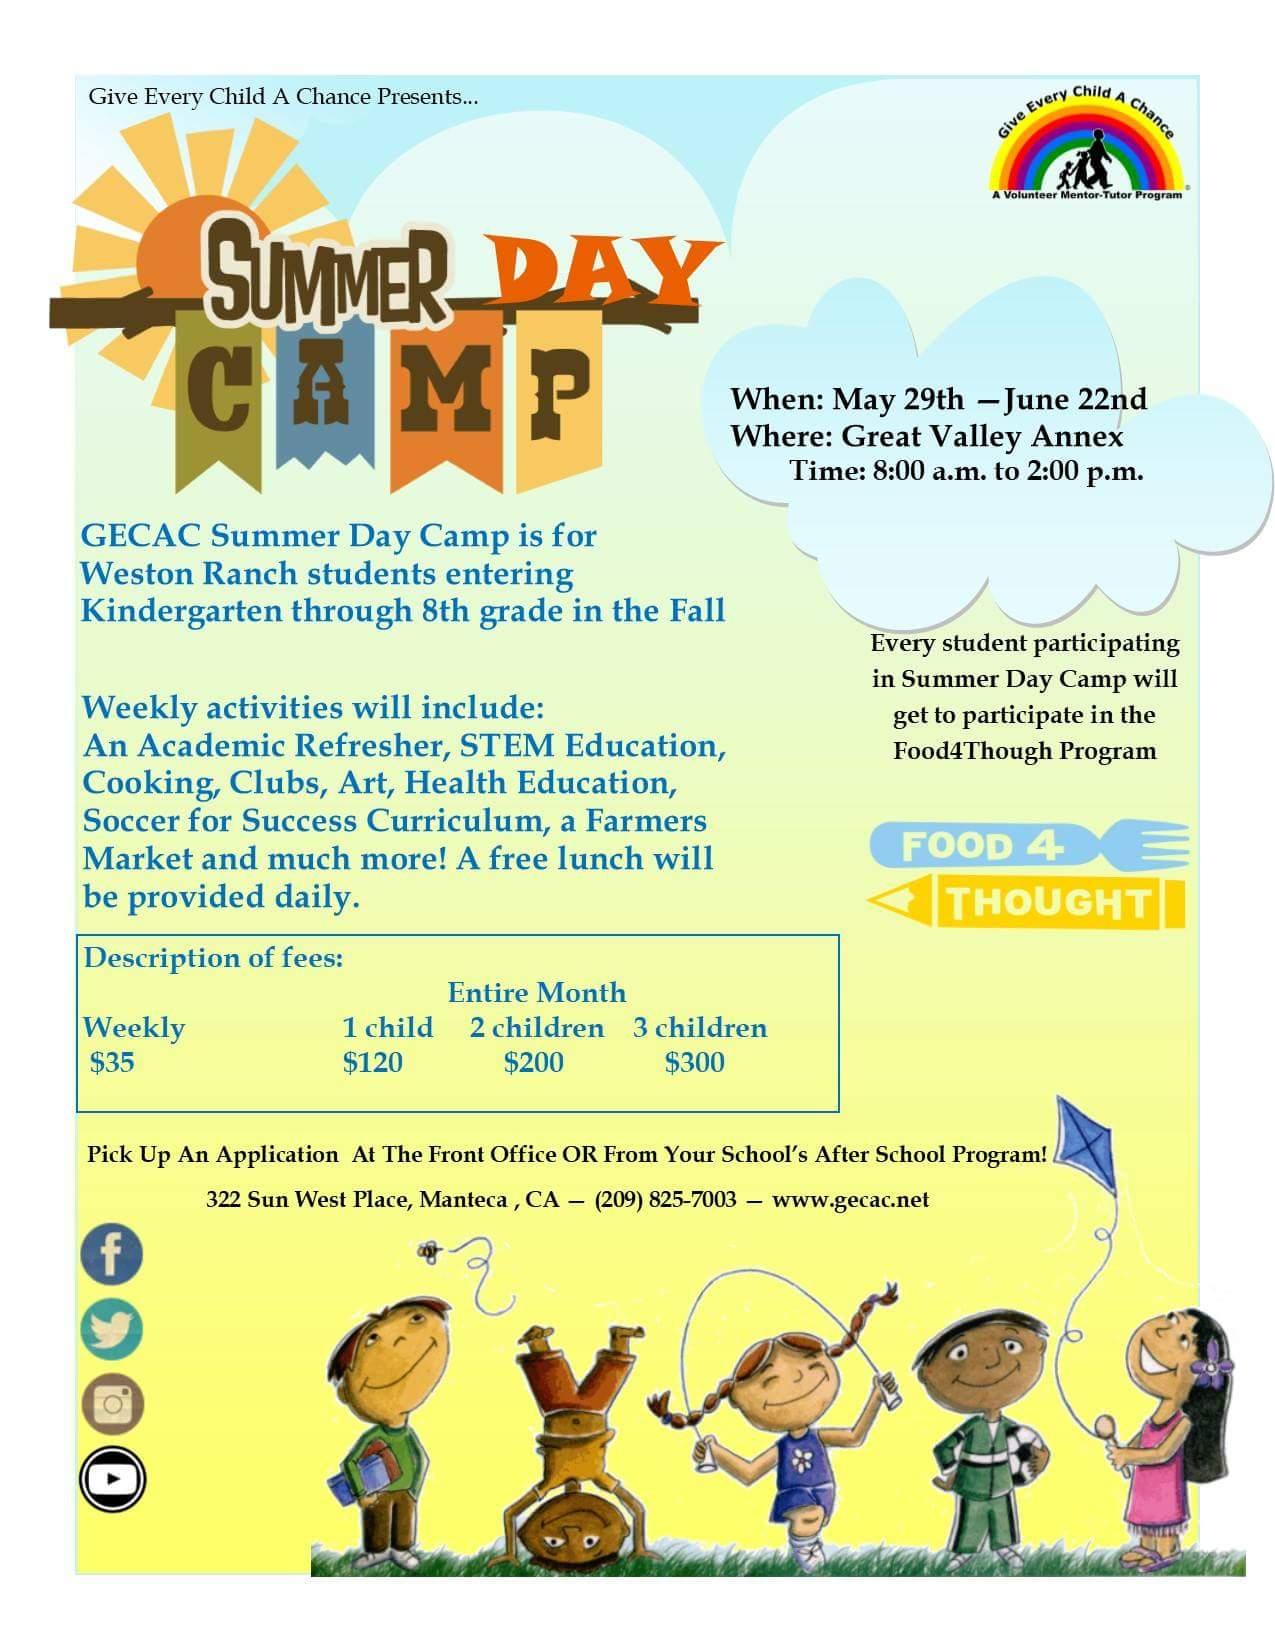 Gecac Summer Day Camp